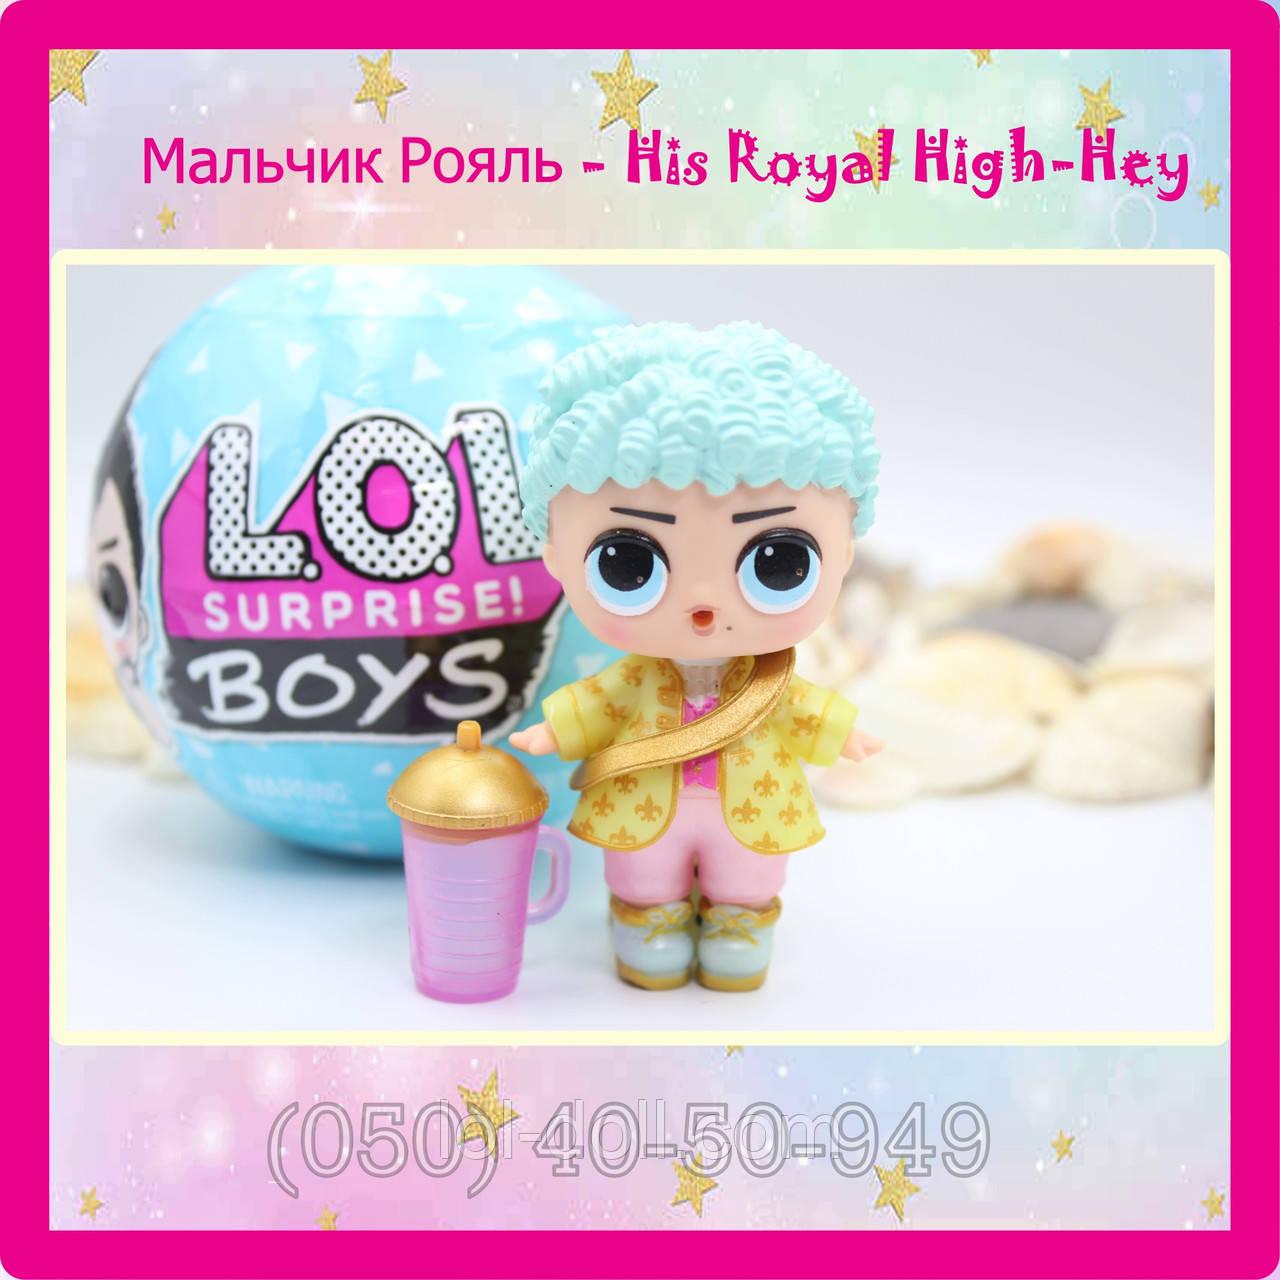 Кукла Лол Сюрприз Серия Мальчик Рояль - His Royal High-Hey LOL Surprise Оригинал